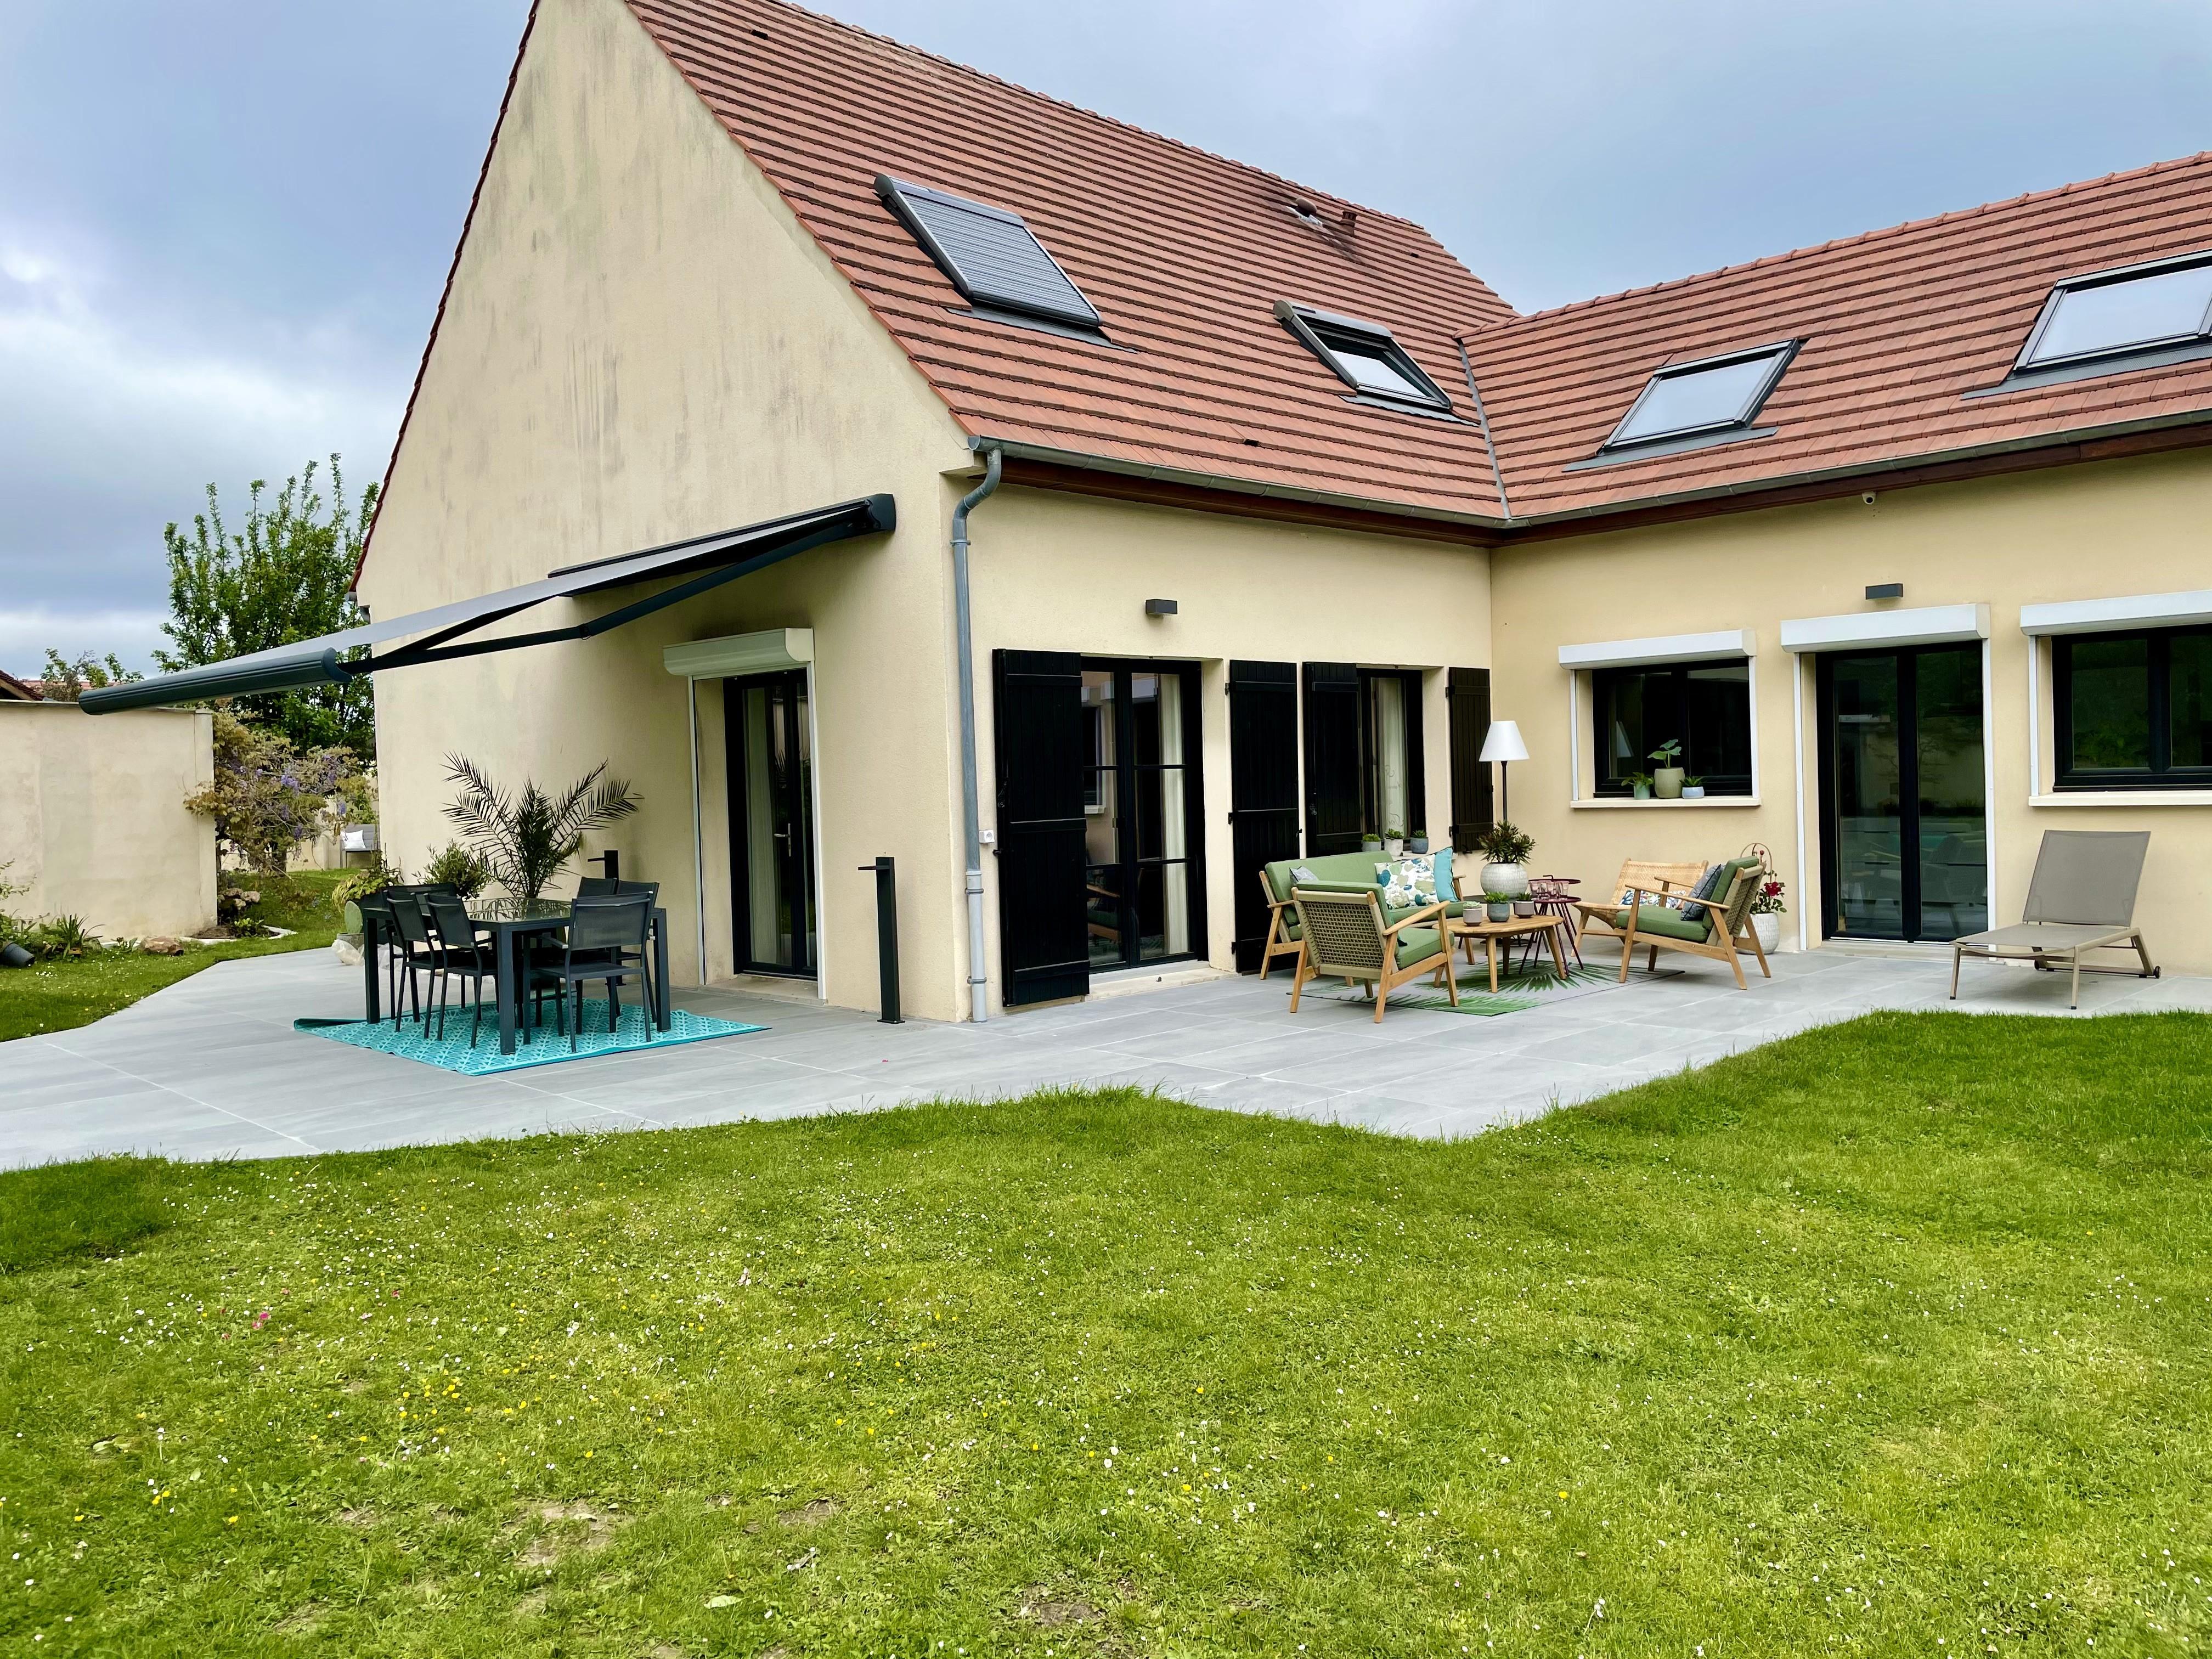 Peggy guezello ame nagement de jardi et terrasse vue maison